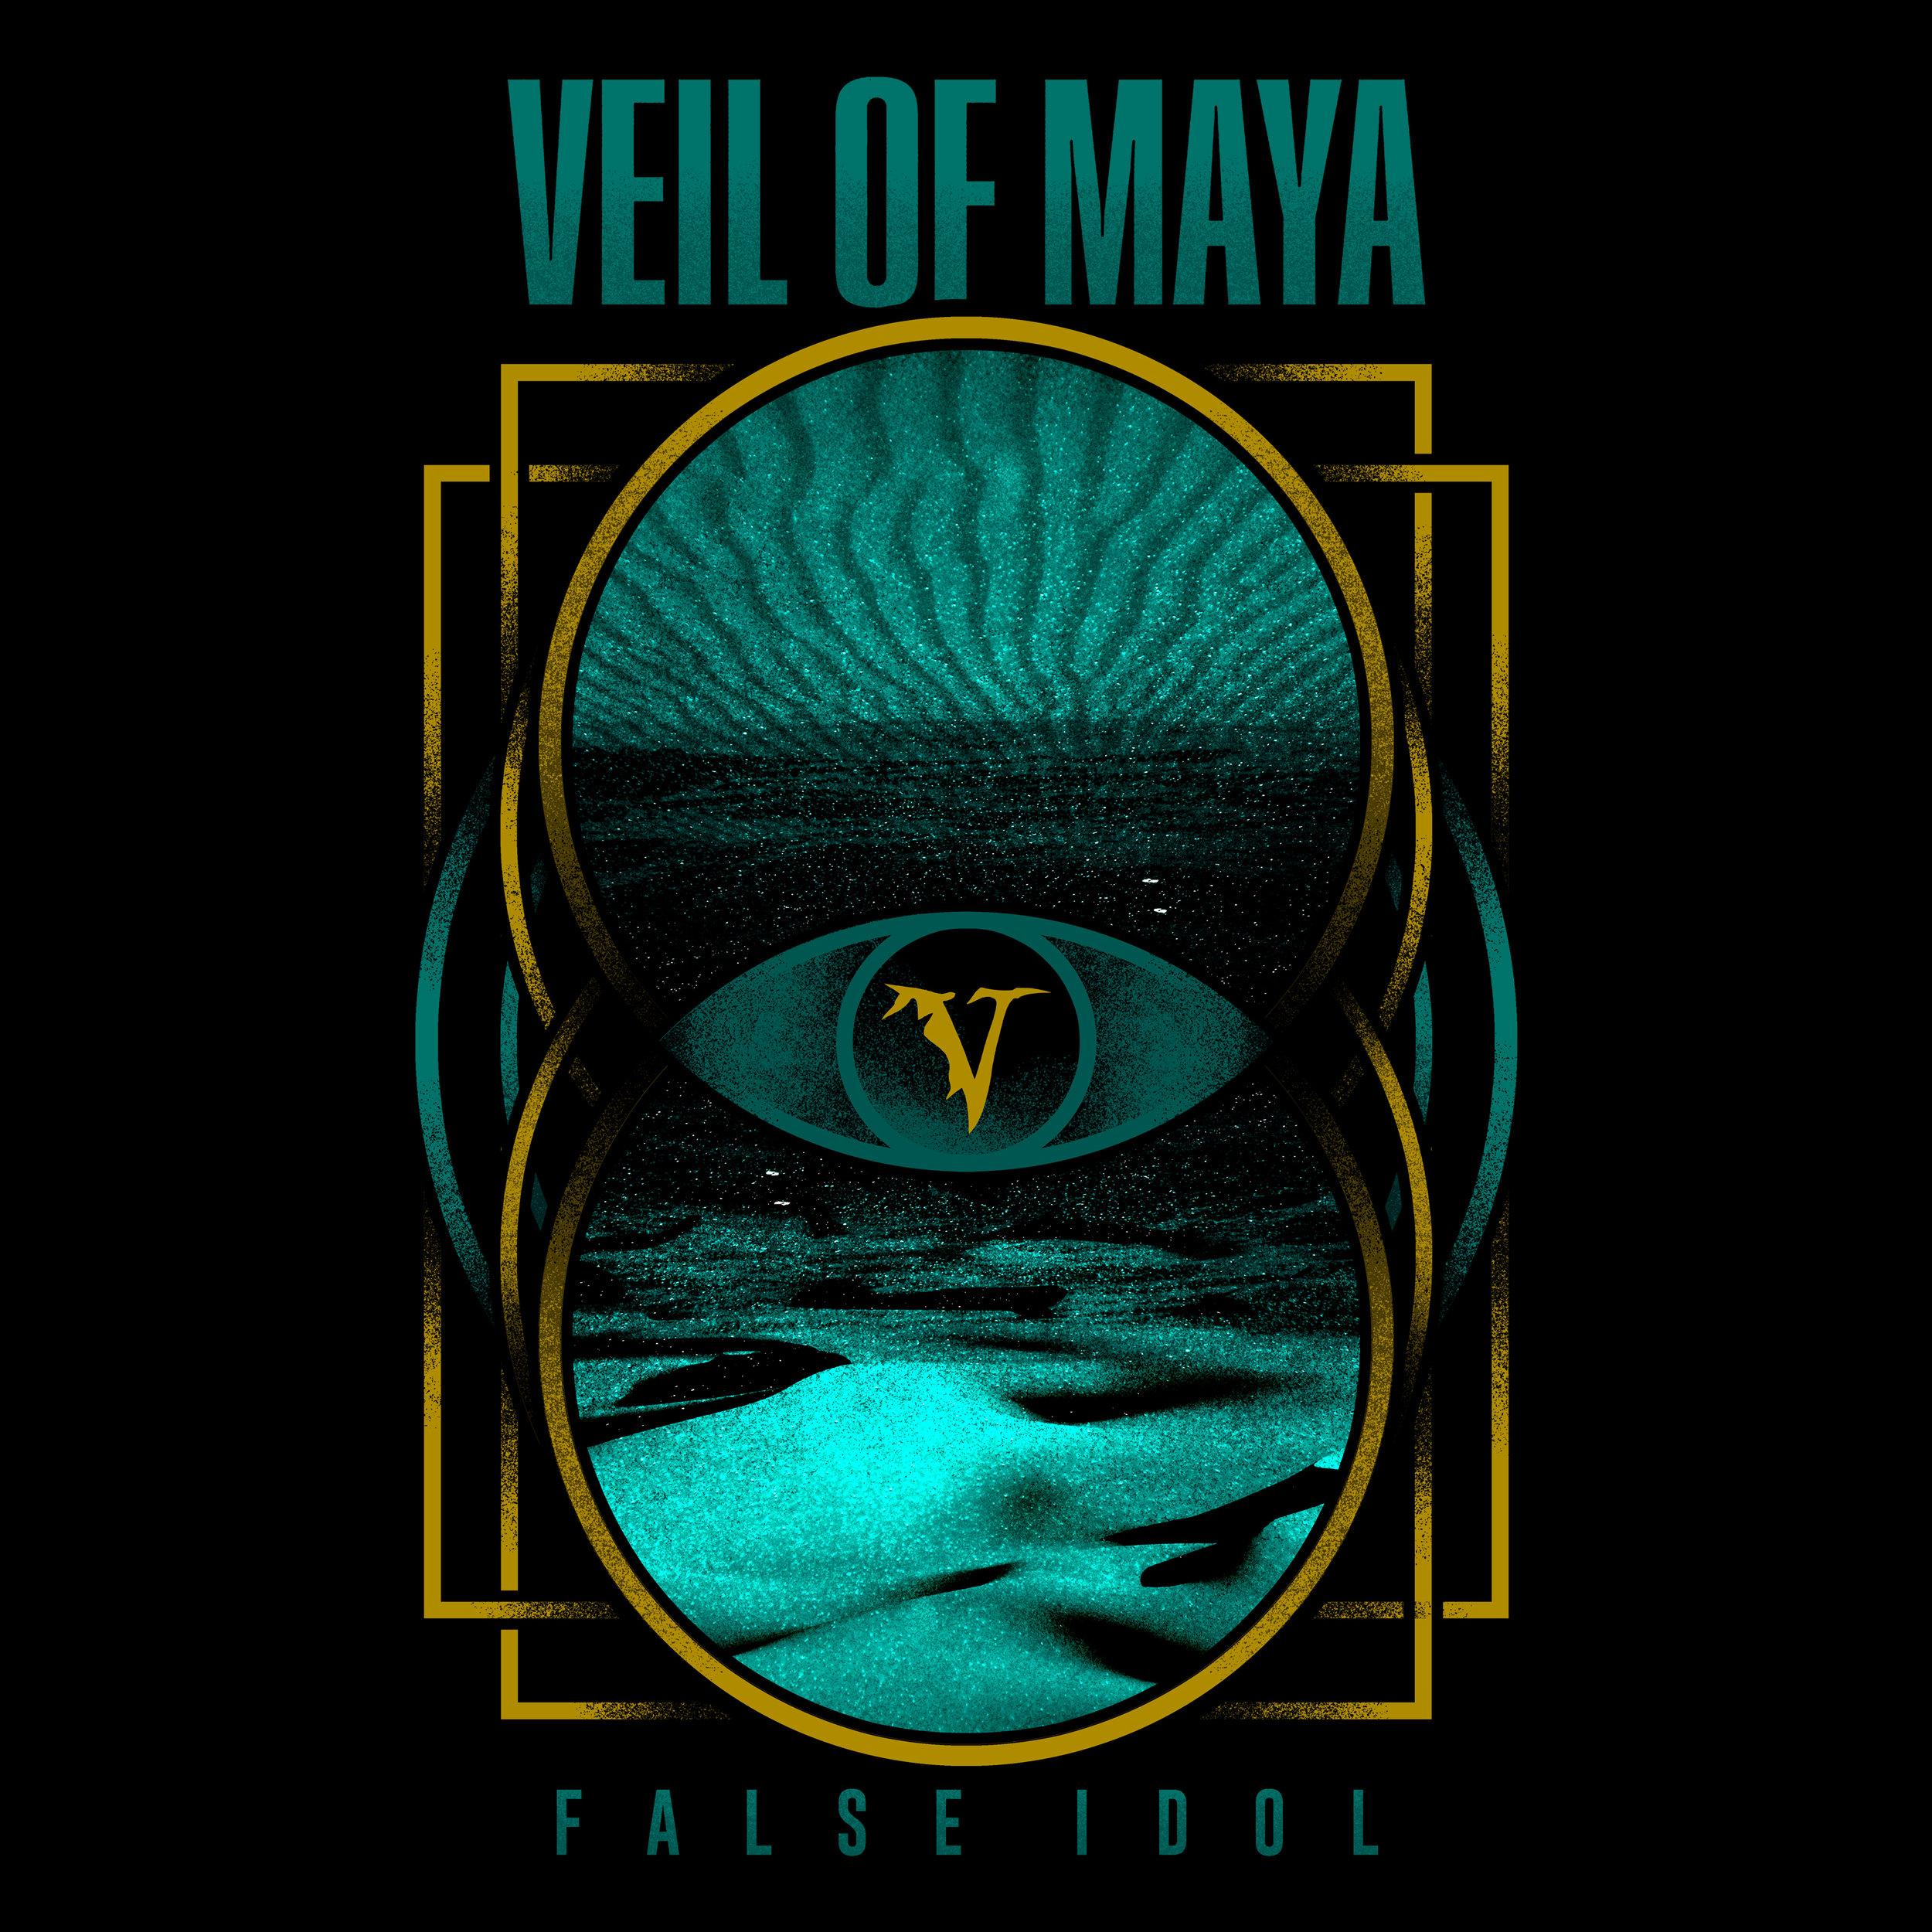 VeilofMaya-Eye-Proof-1.jpg